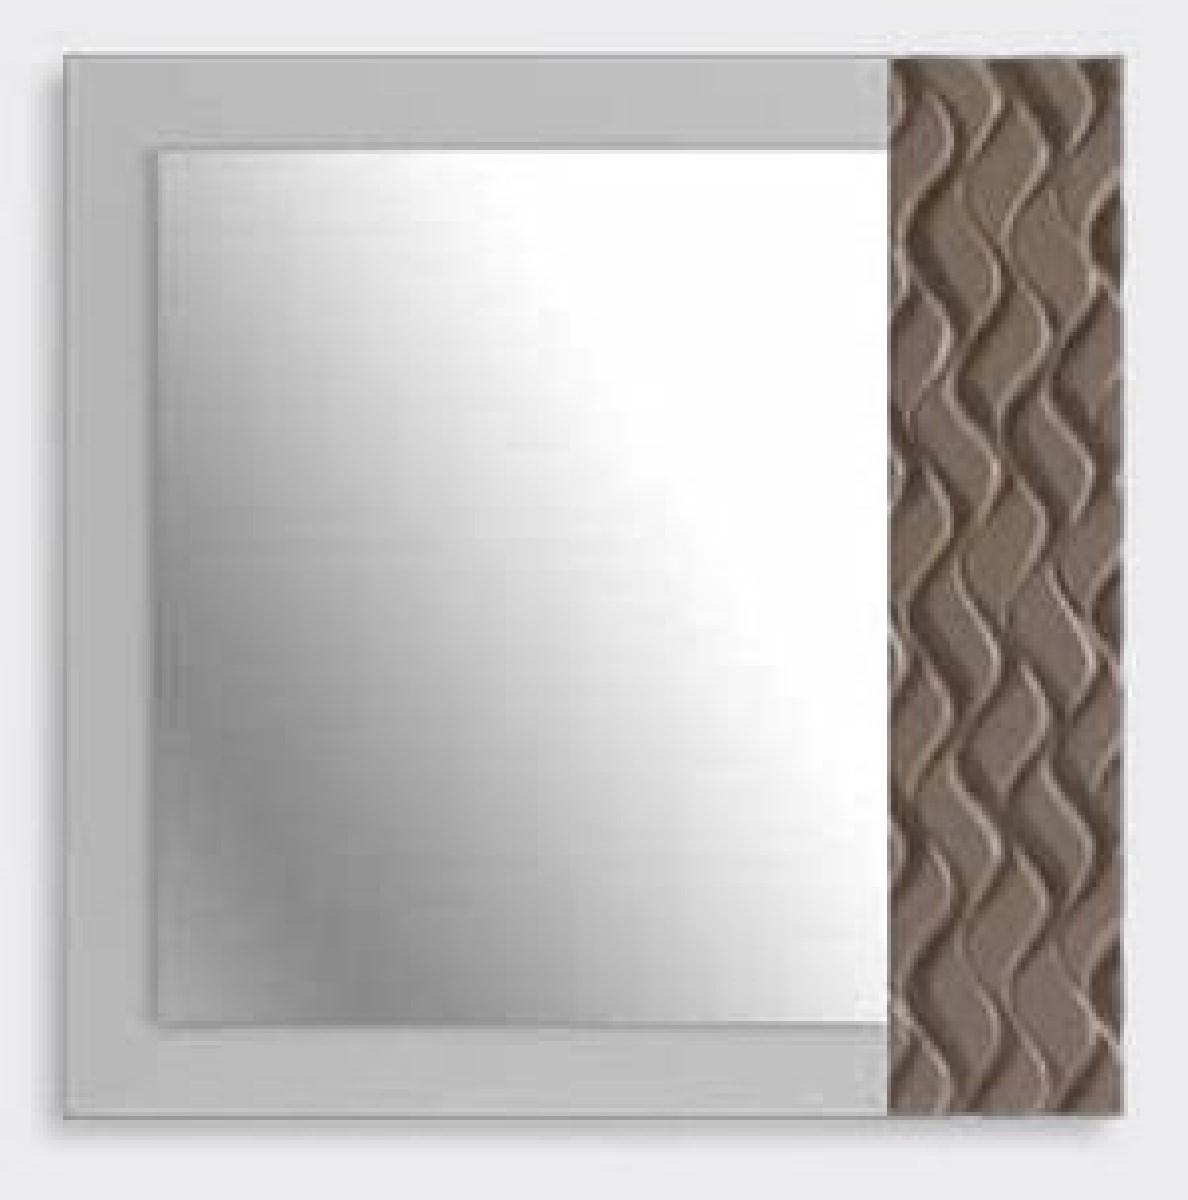 Зеркало NORA 3043.4 Disemobel